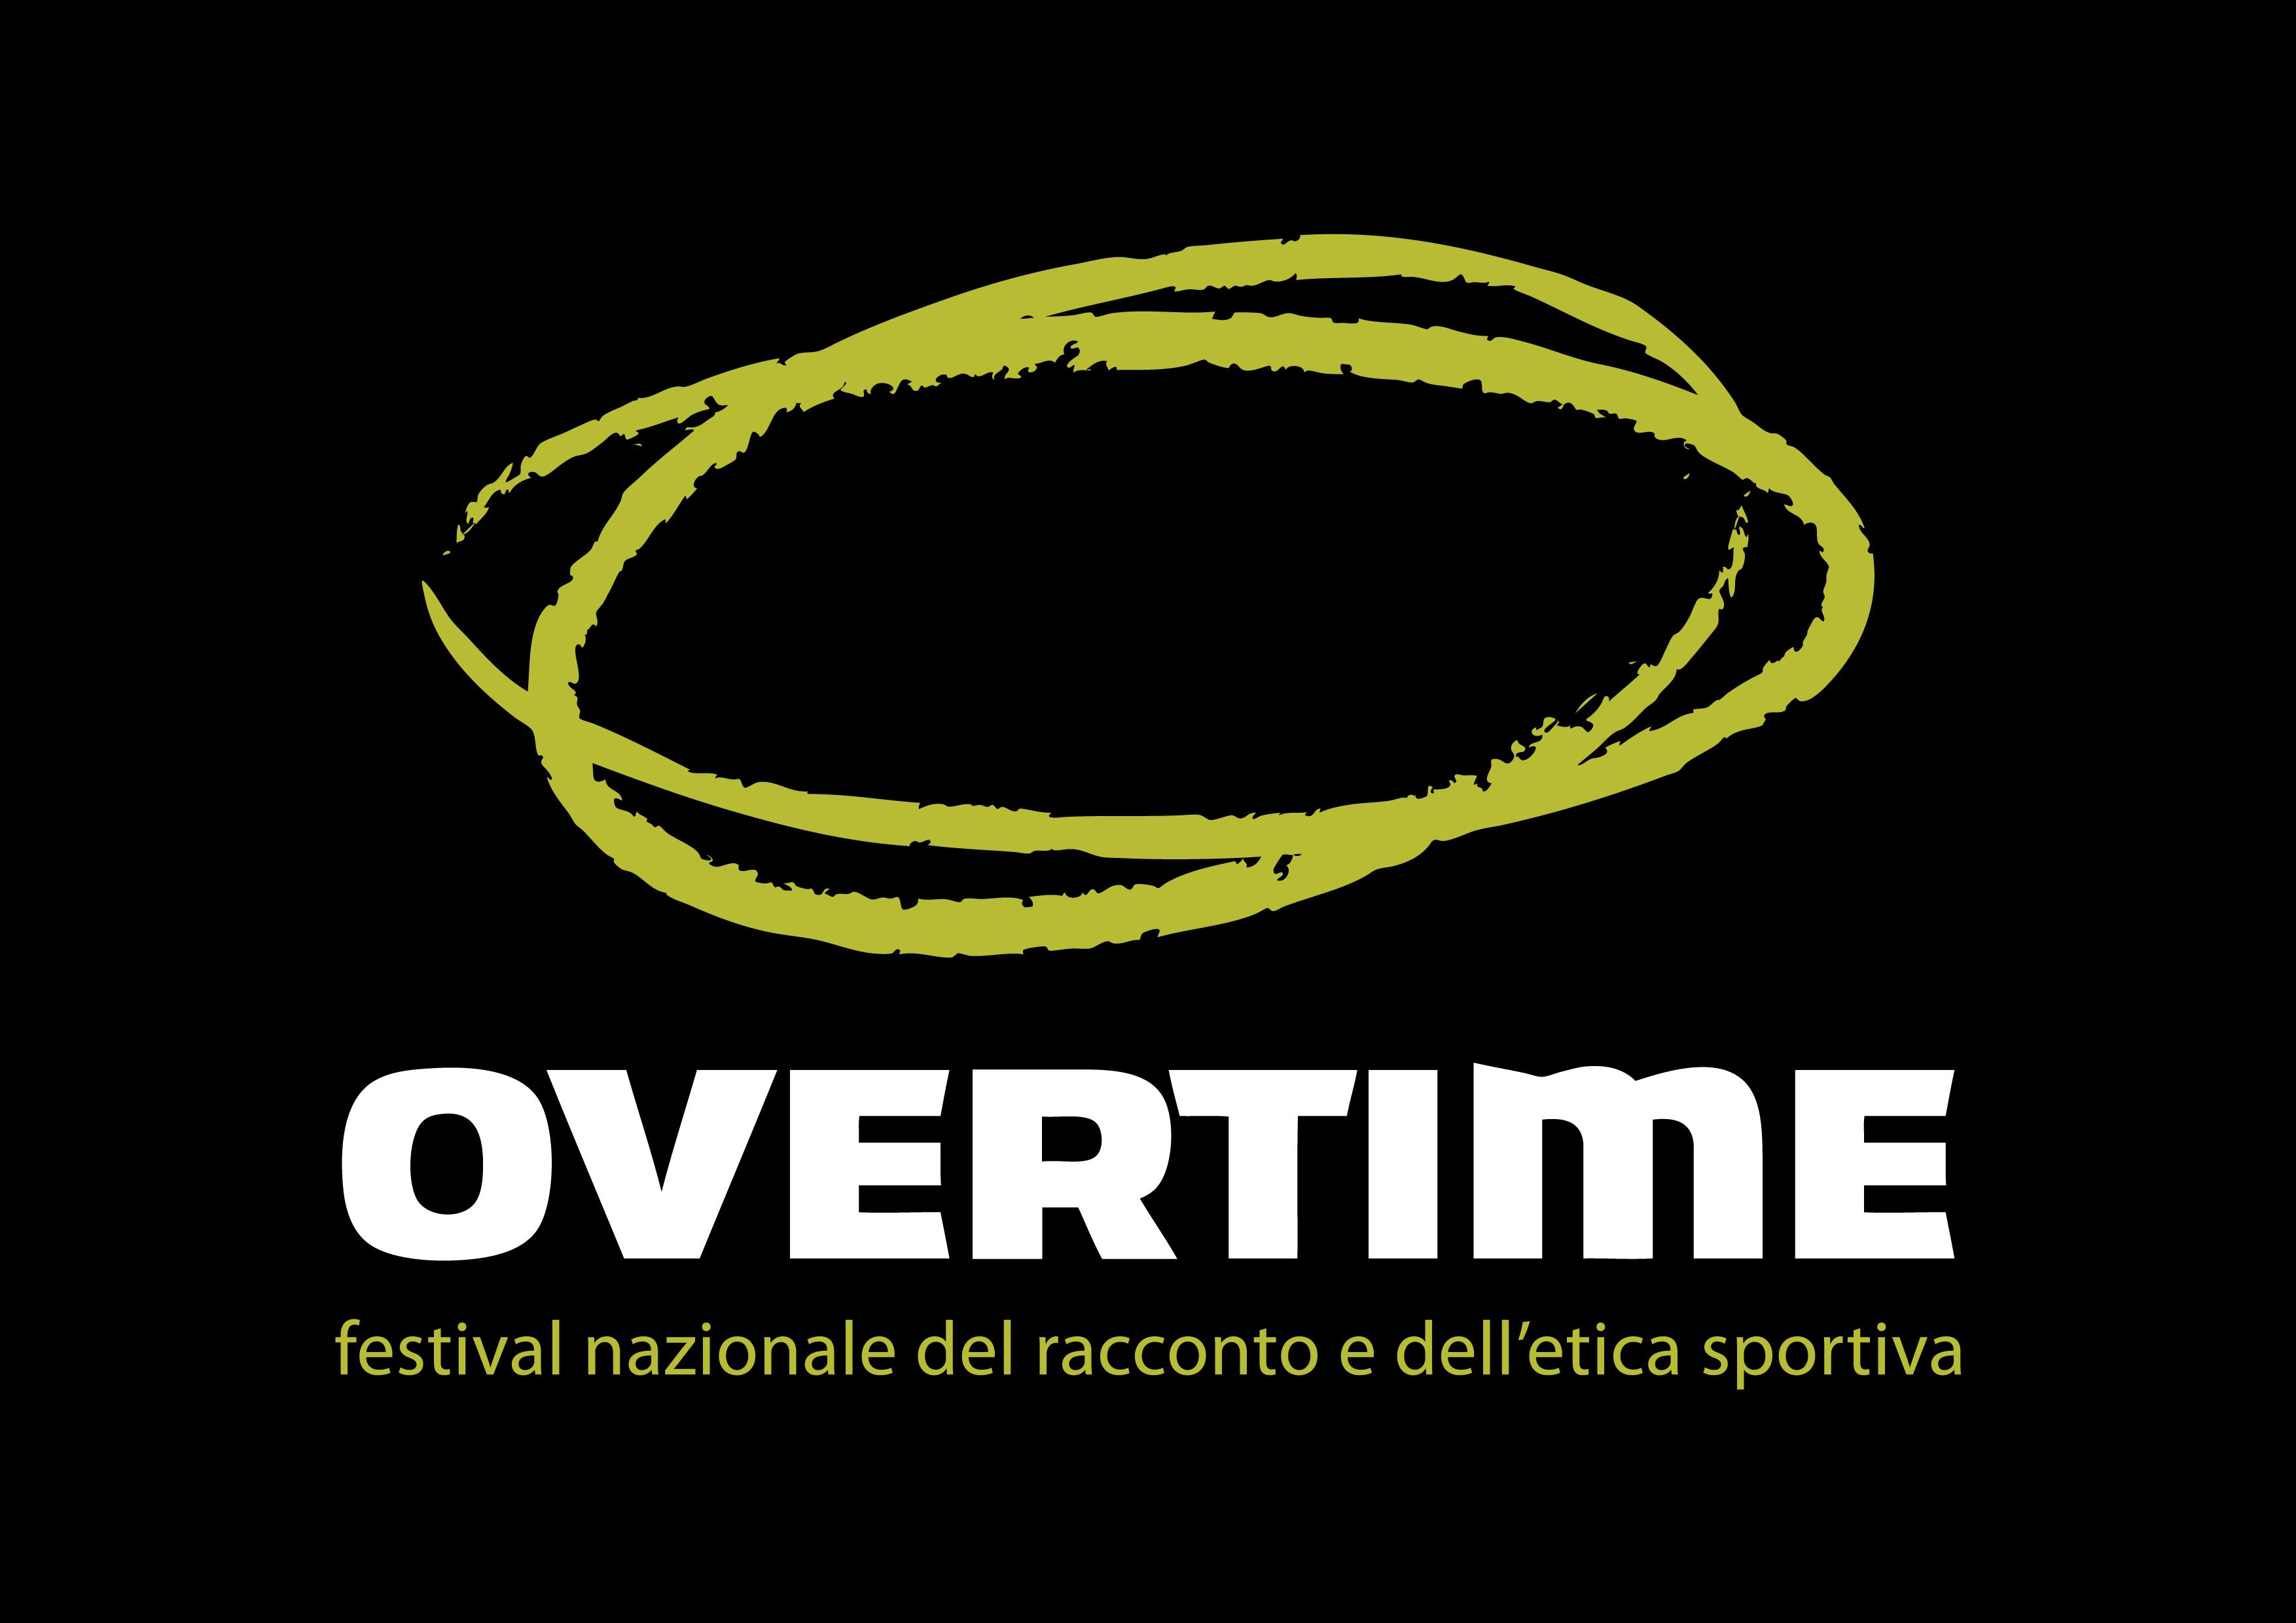 Overtime Nero